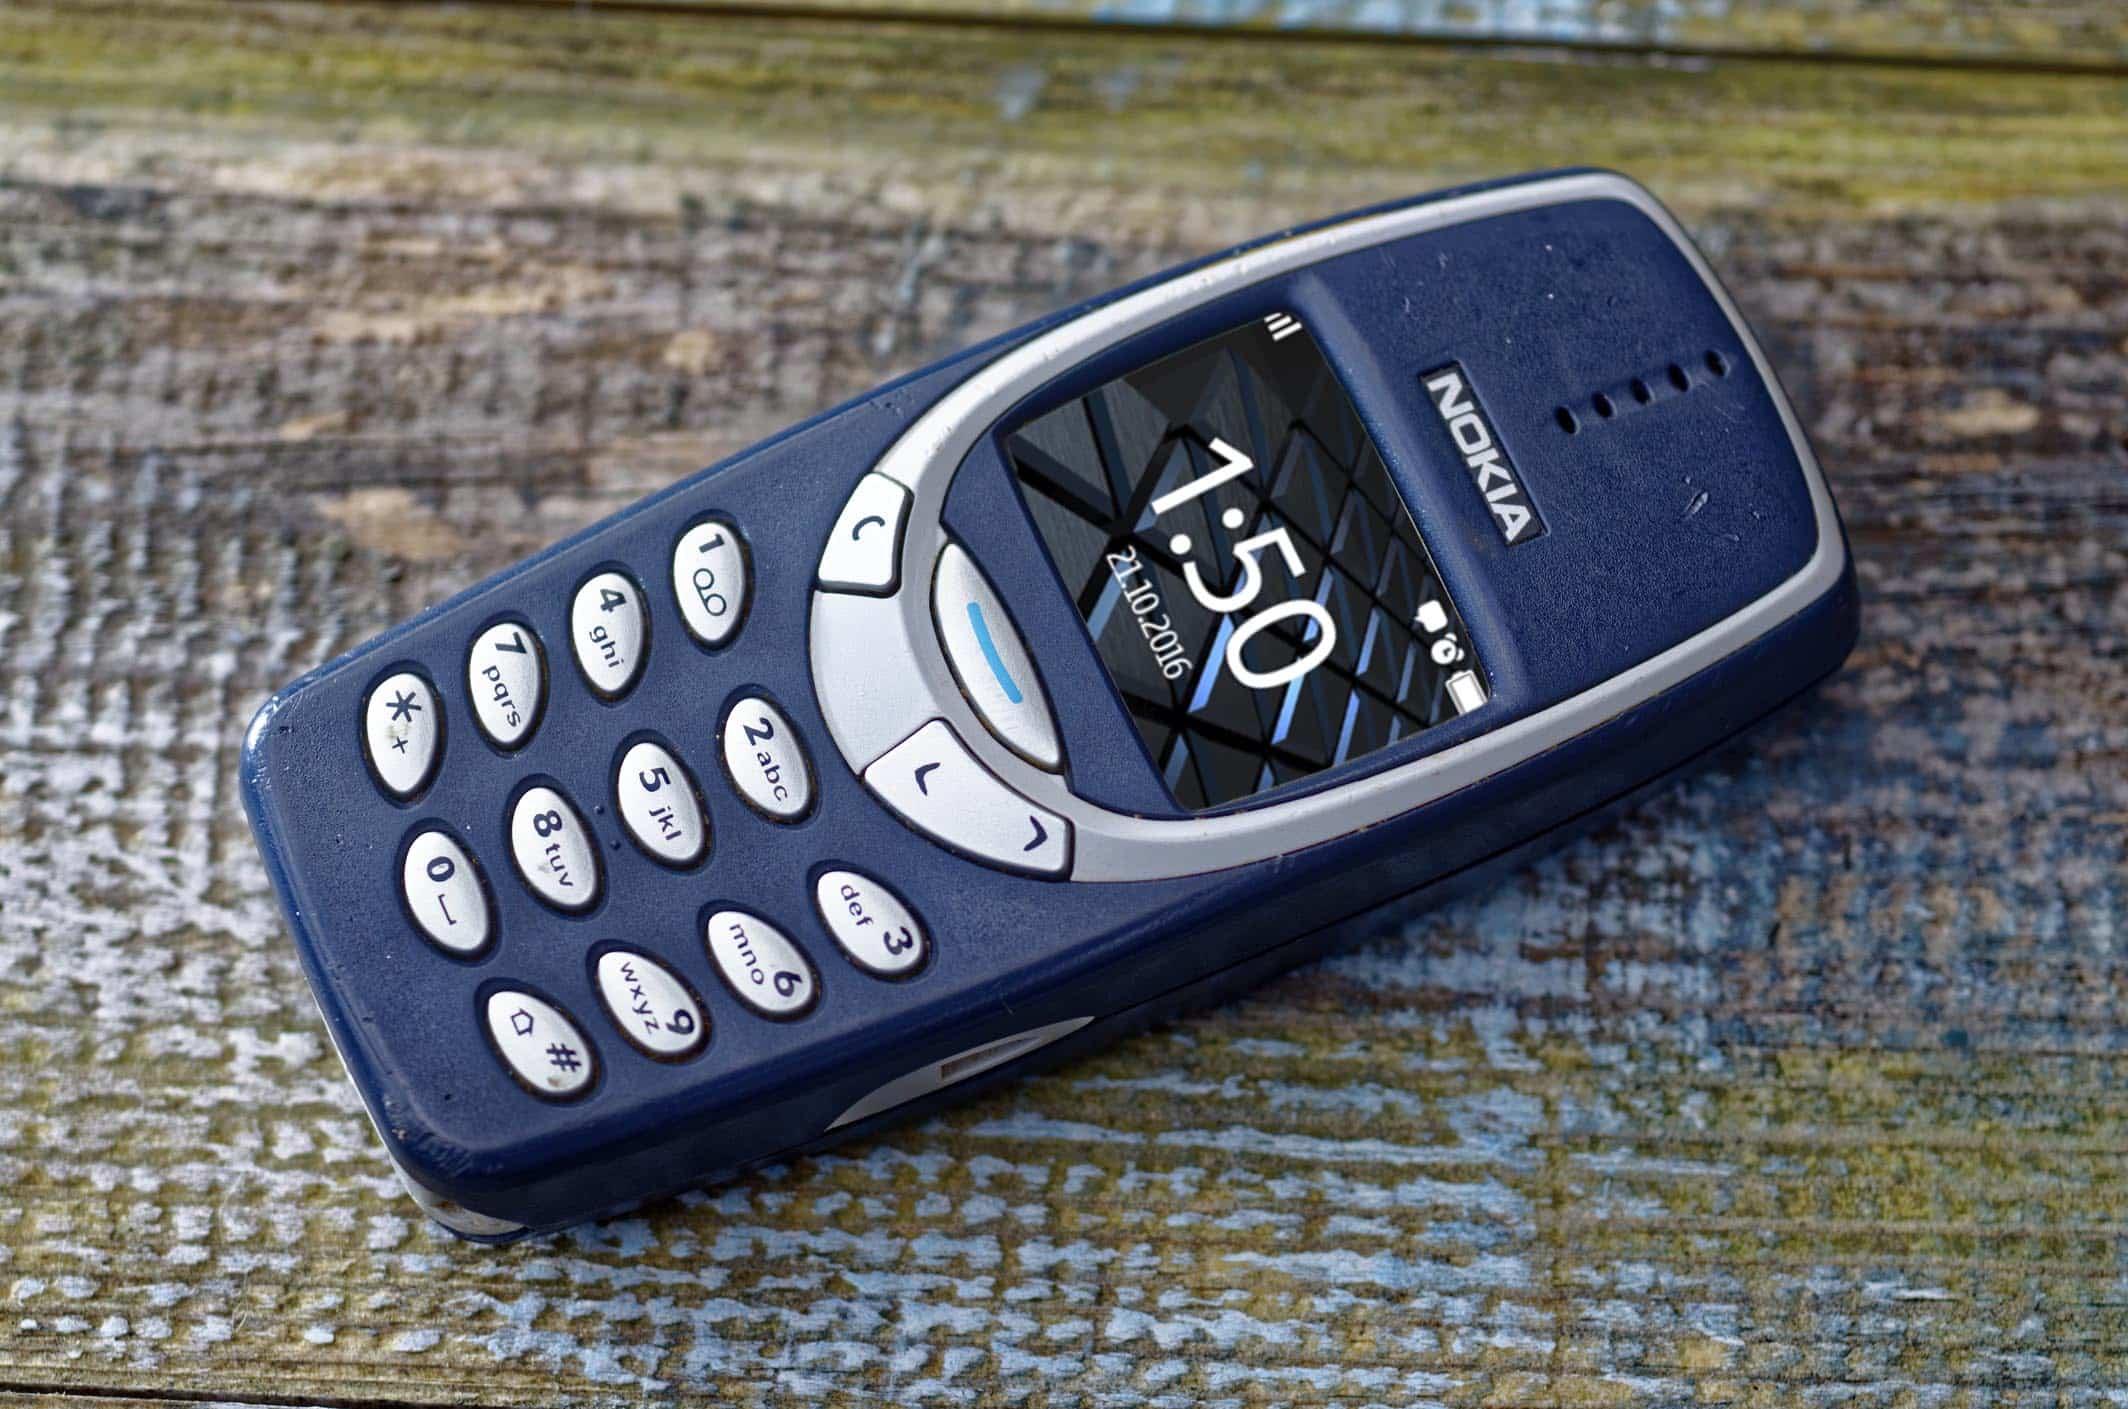 teléfono tonto Nokia 3310